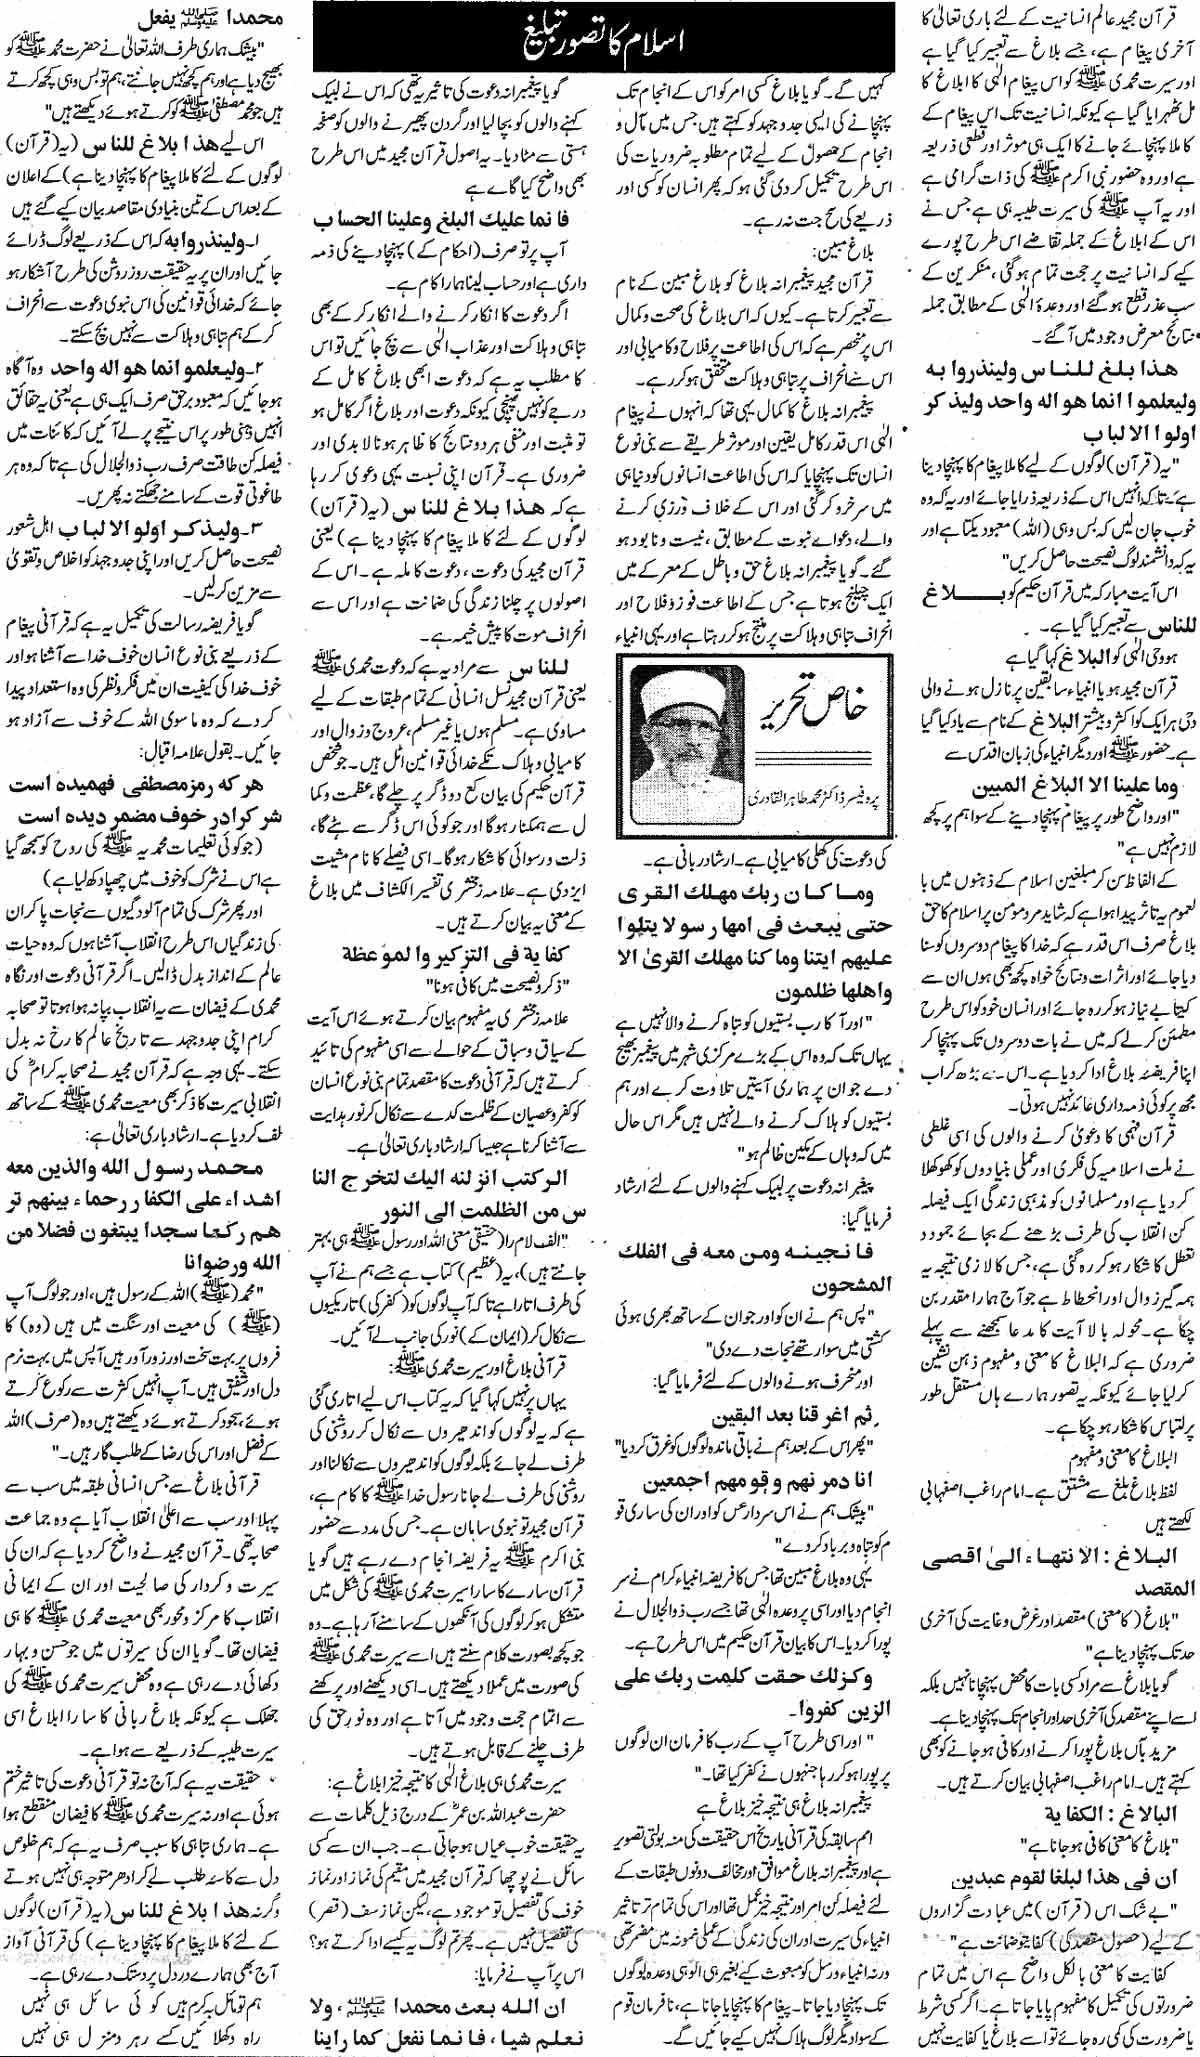 Minhaj-ul-Quran  Print Media Coverage Daily Ash-sharq  Page 6